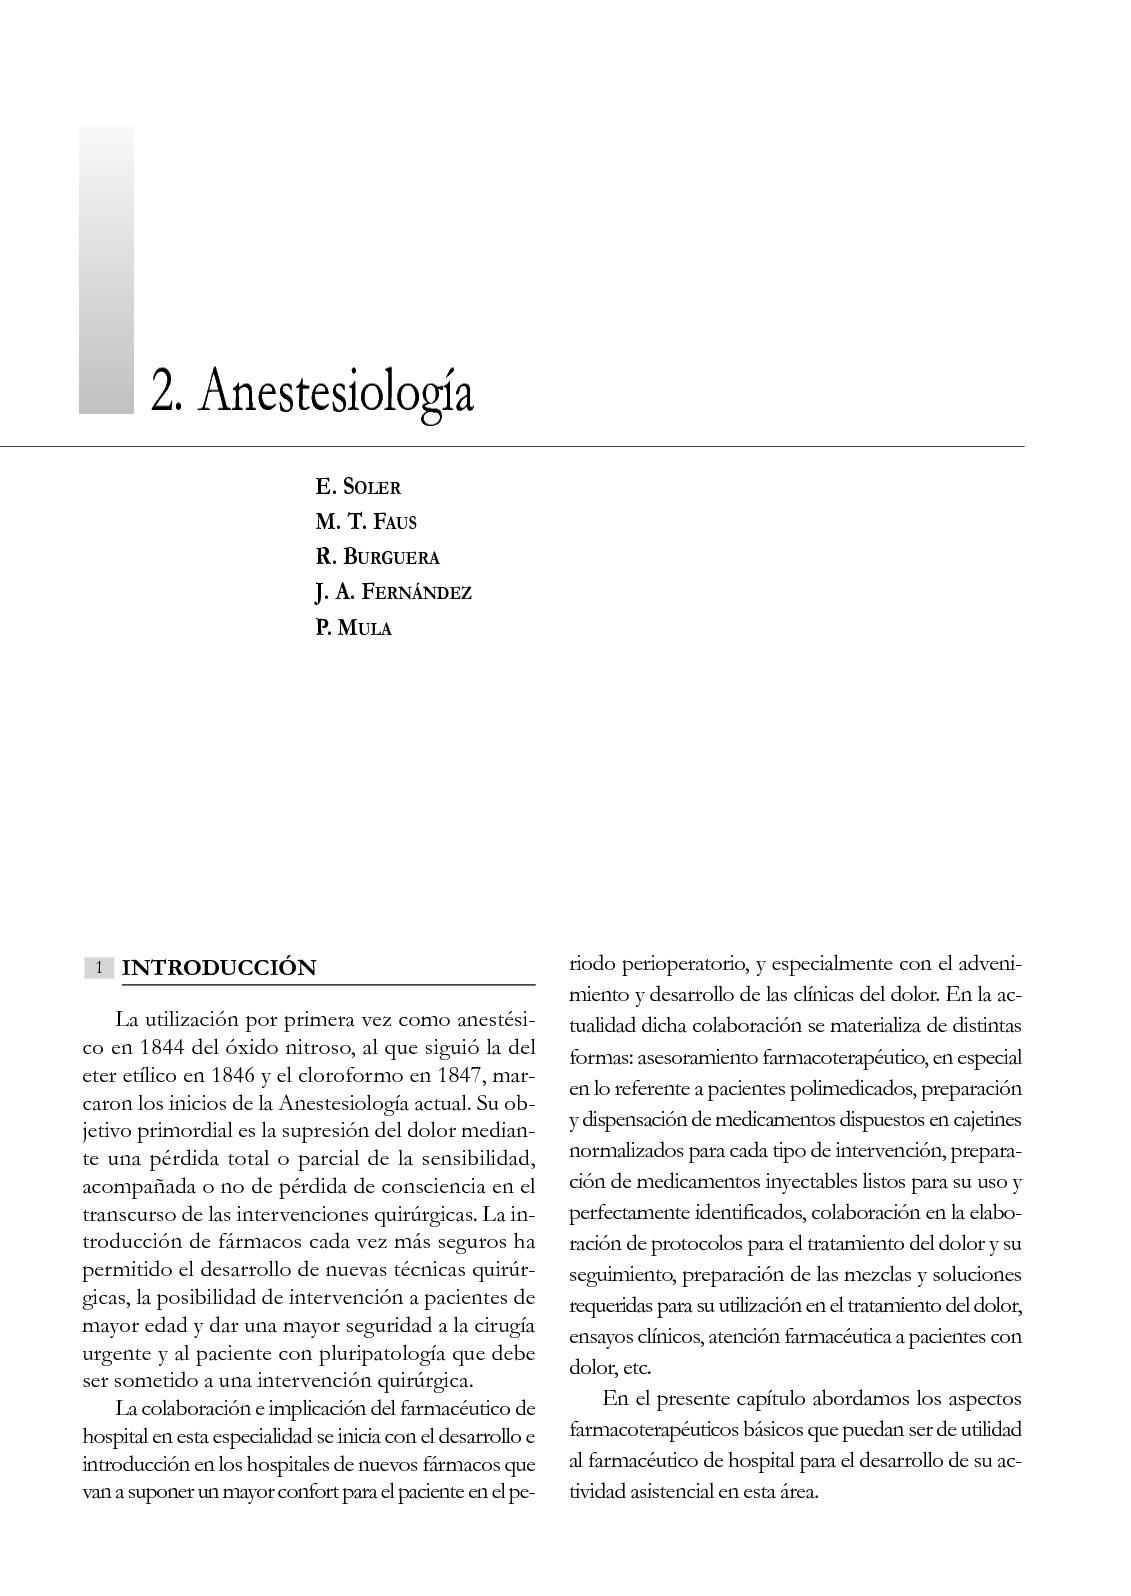 Hipertensión pulmonar anestesia regional